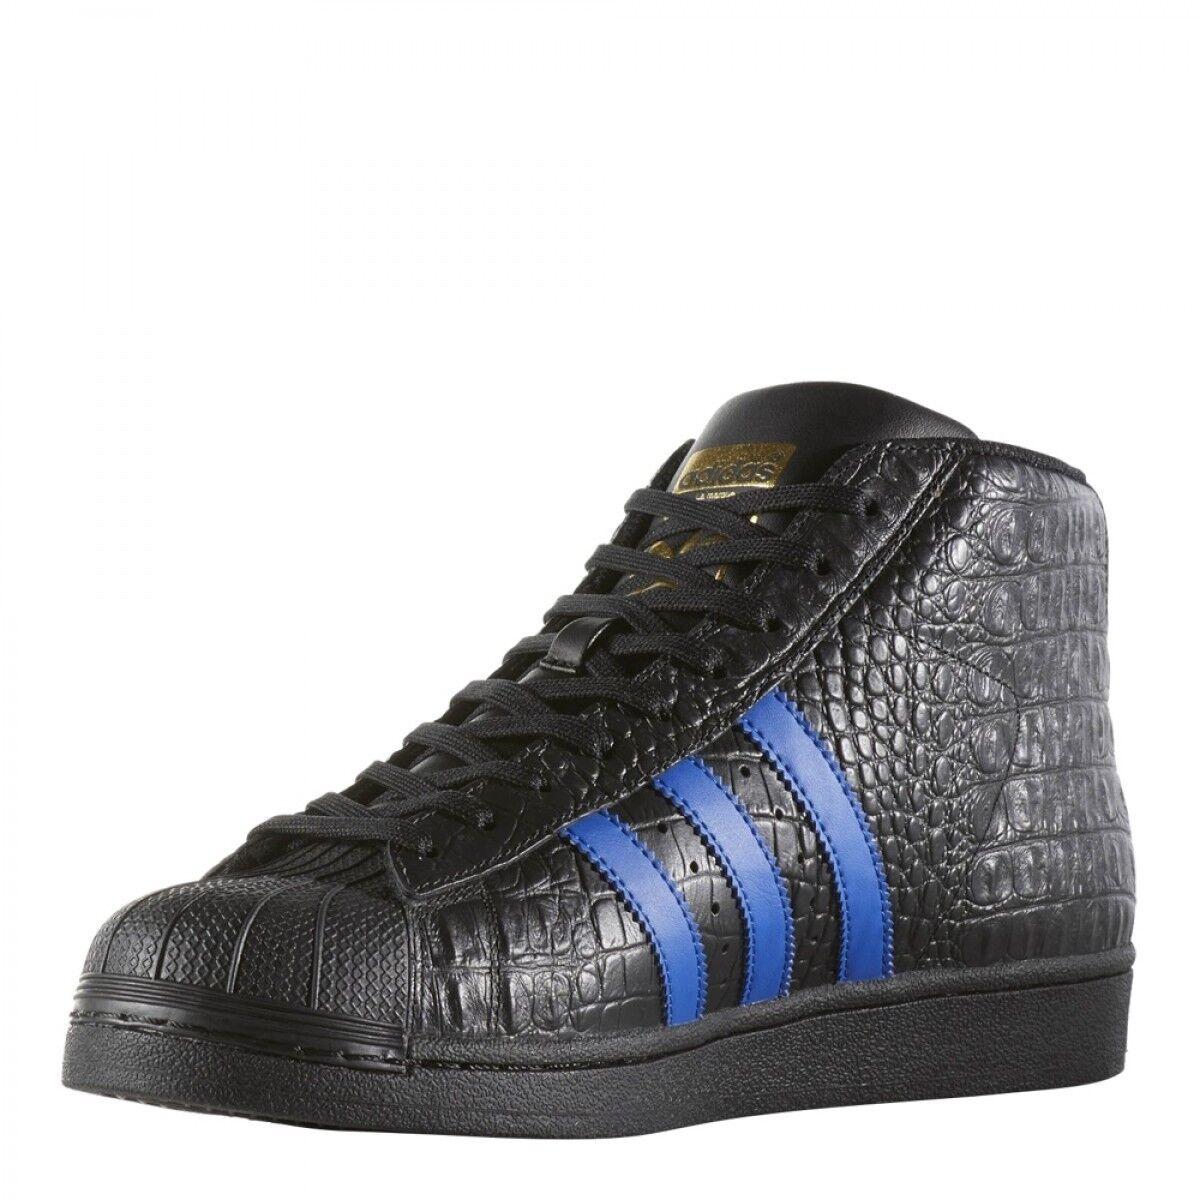 adidas männer - modell cq0874 schwarze royal gold männer adidas sz 7.5 - 12 be10e6